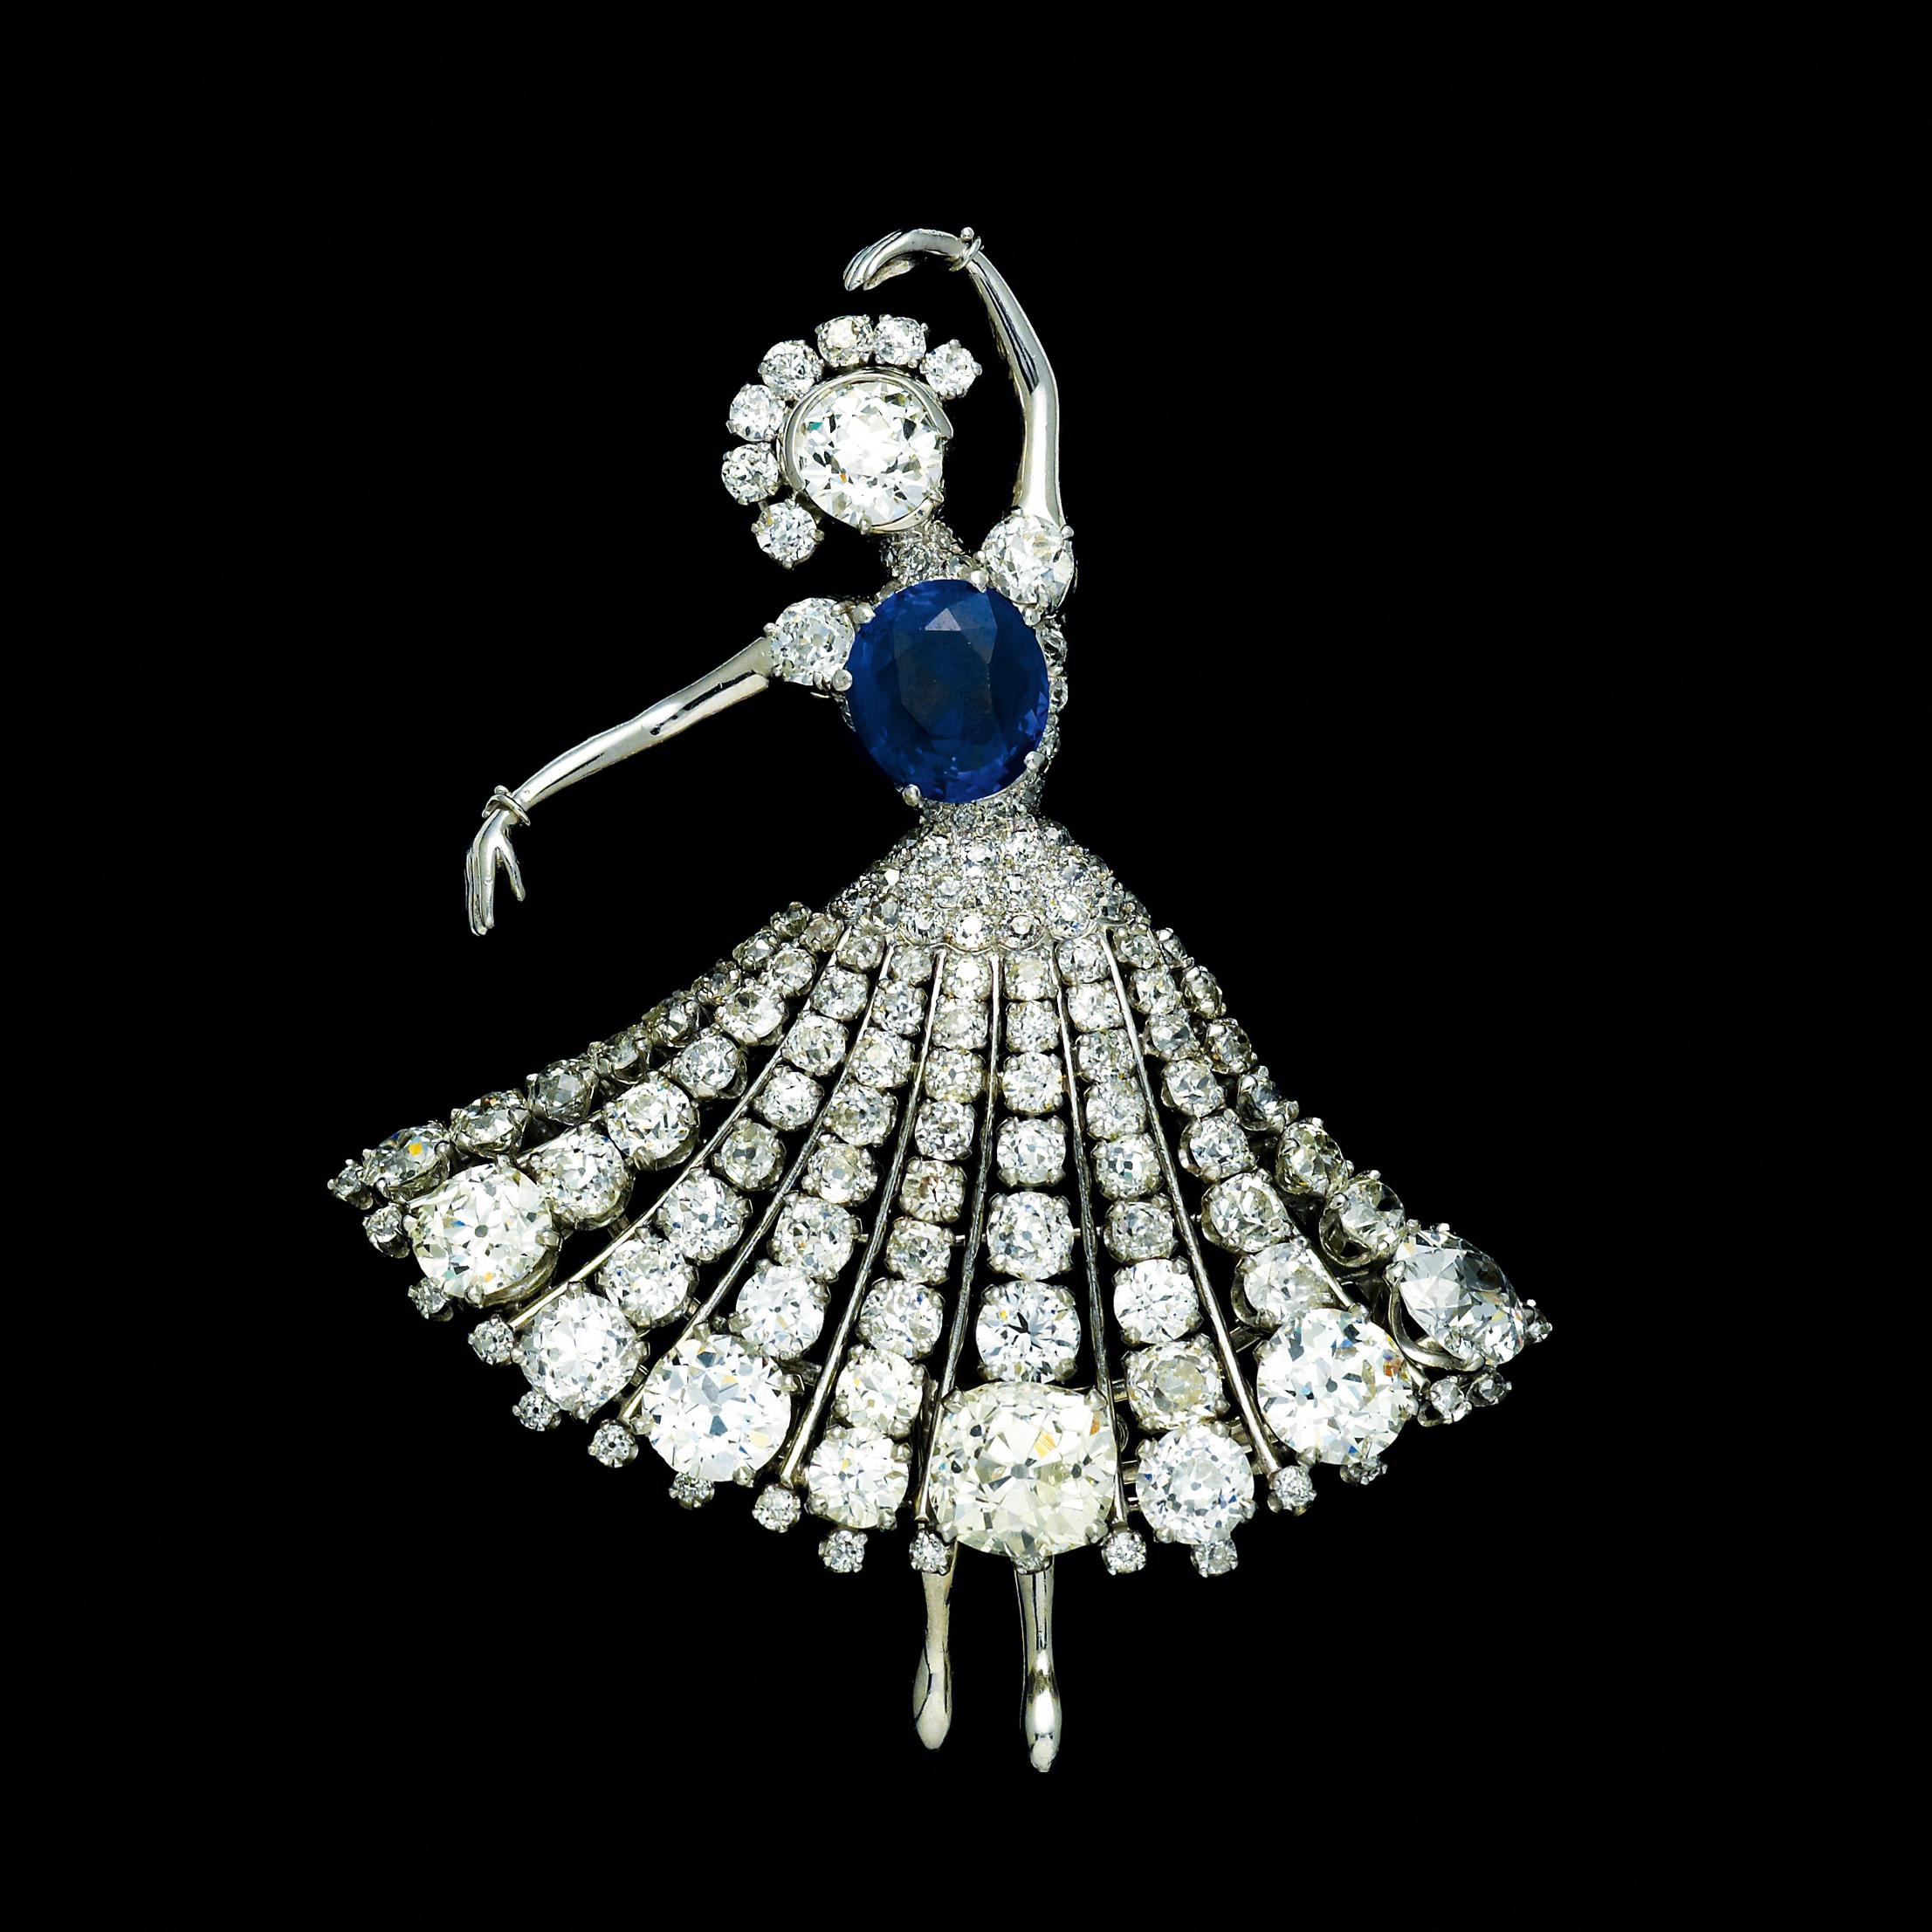 3daefd5fd6502 Van Cleef & Arpels jewellery | How To Spend It